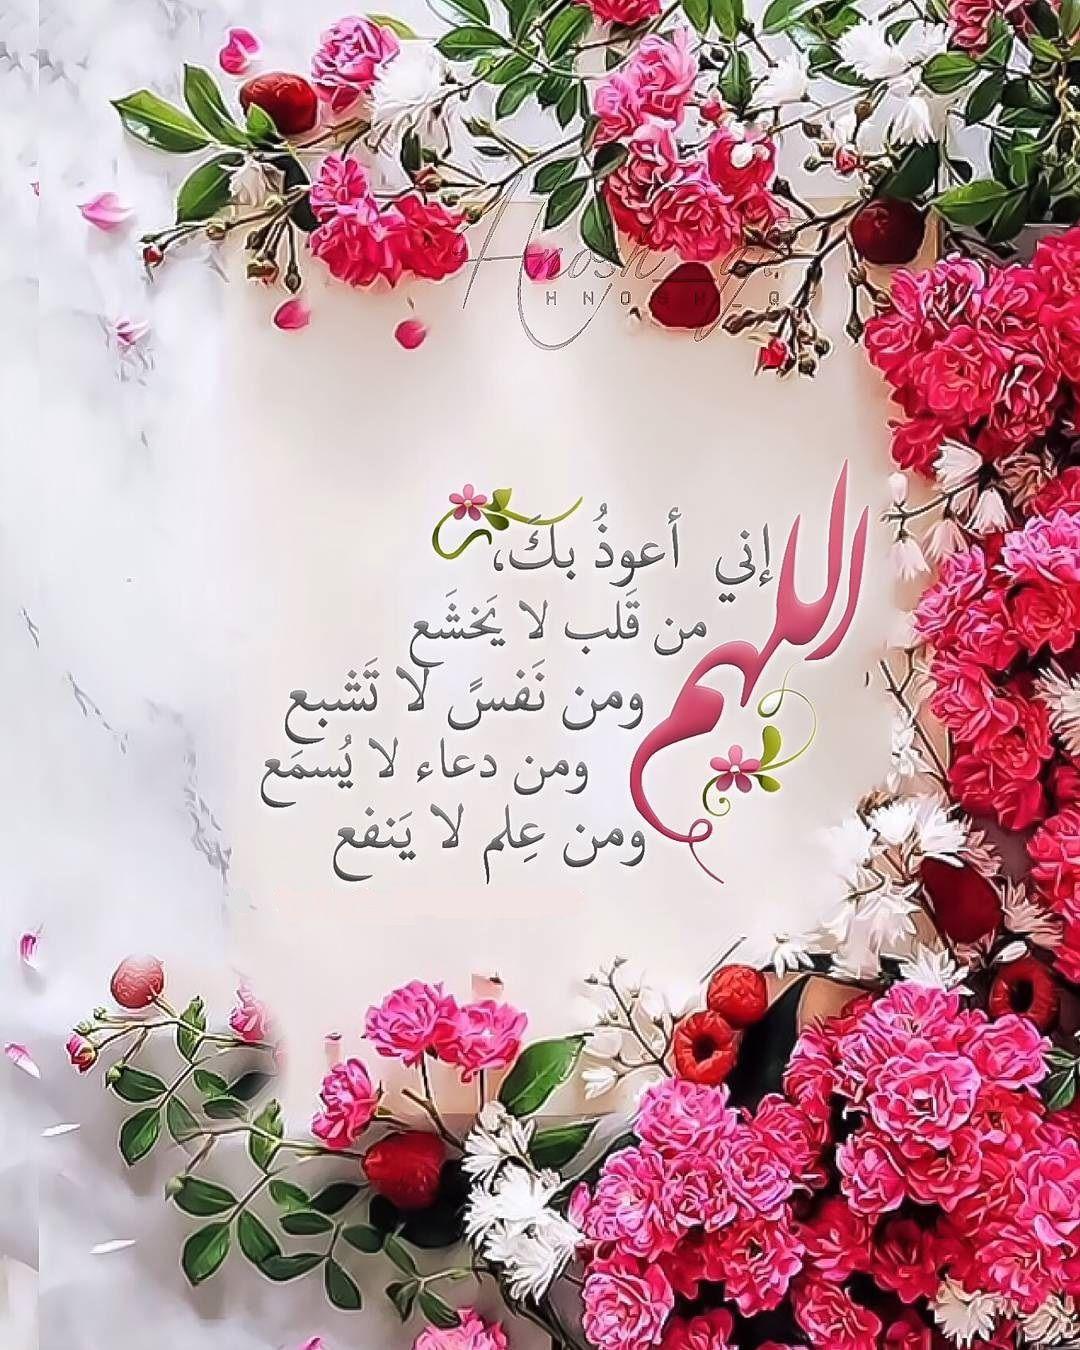 ومن عين لا تدمع ومن قلب لا يخشع Good Morning Flowers Gif Islamic Images Islamic Inspirational Quotes